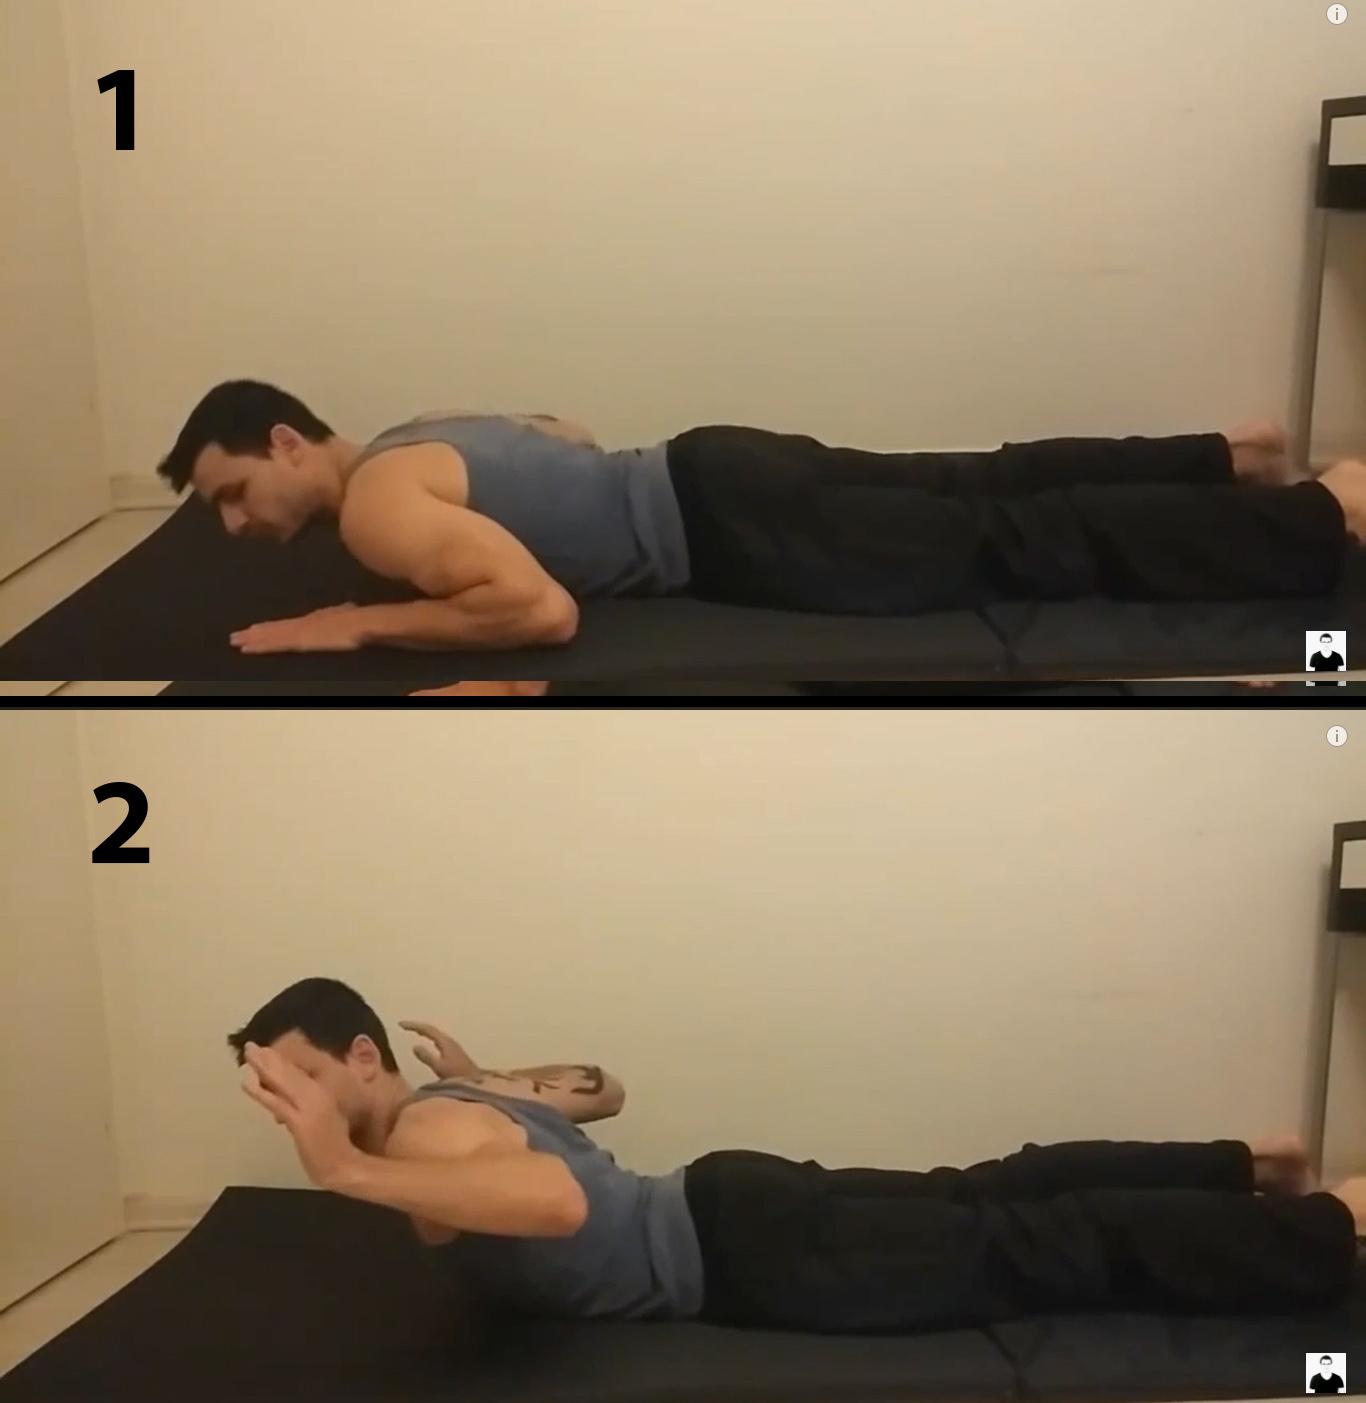 חיזוק חגורת כתפיים - הרמת פלג גוף עליון בשכיבה על הבטן